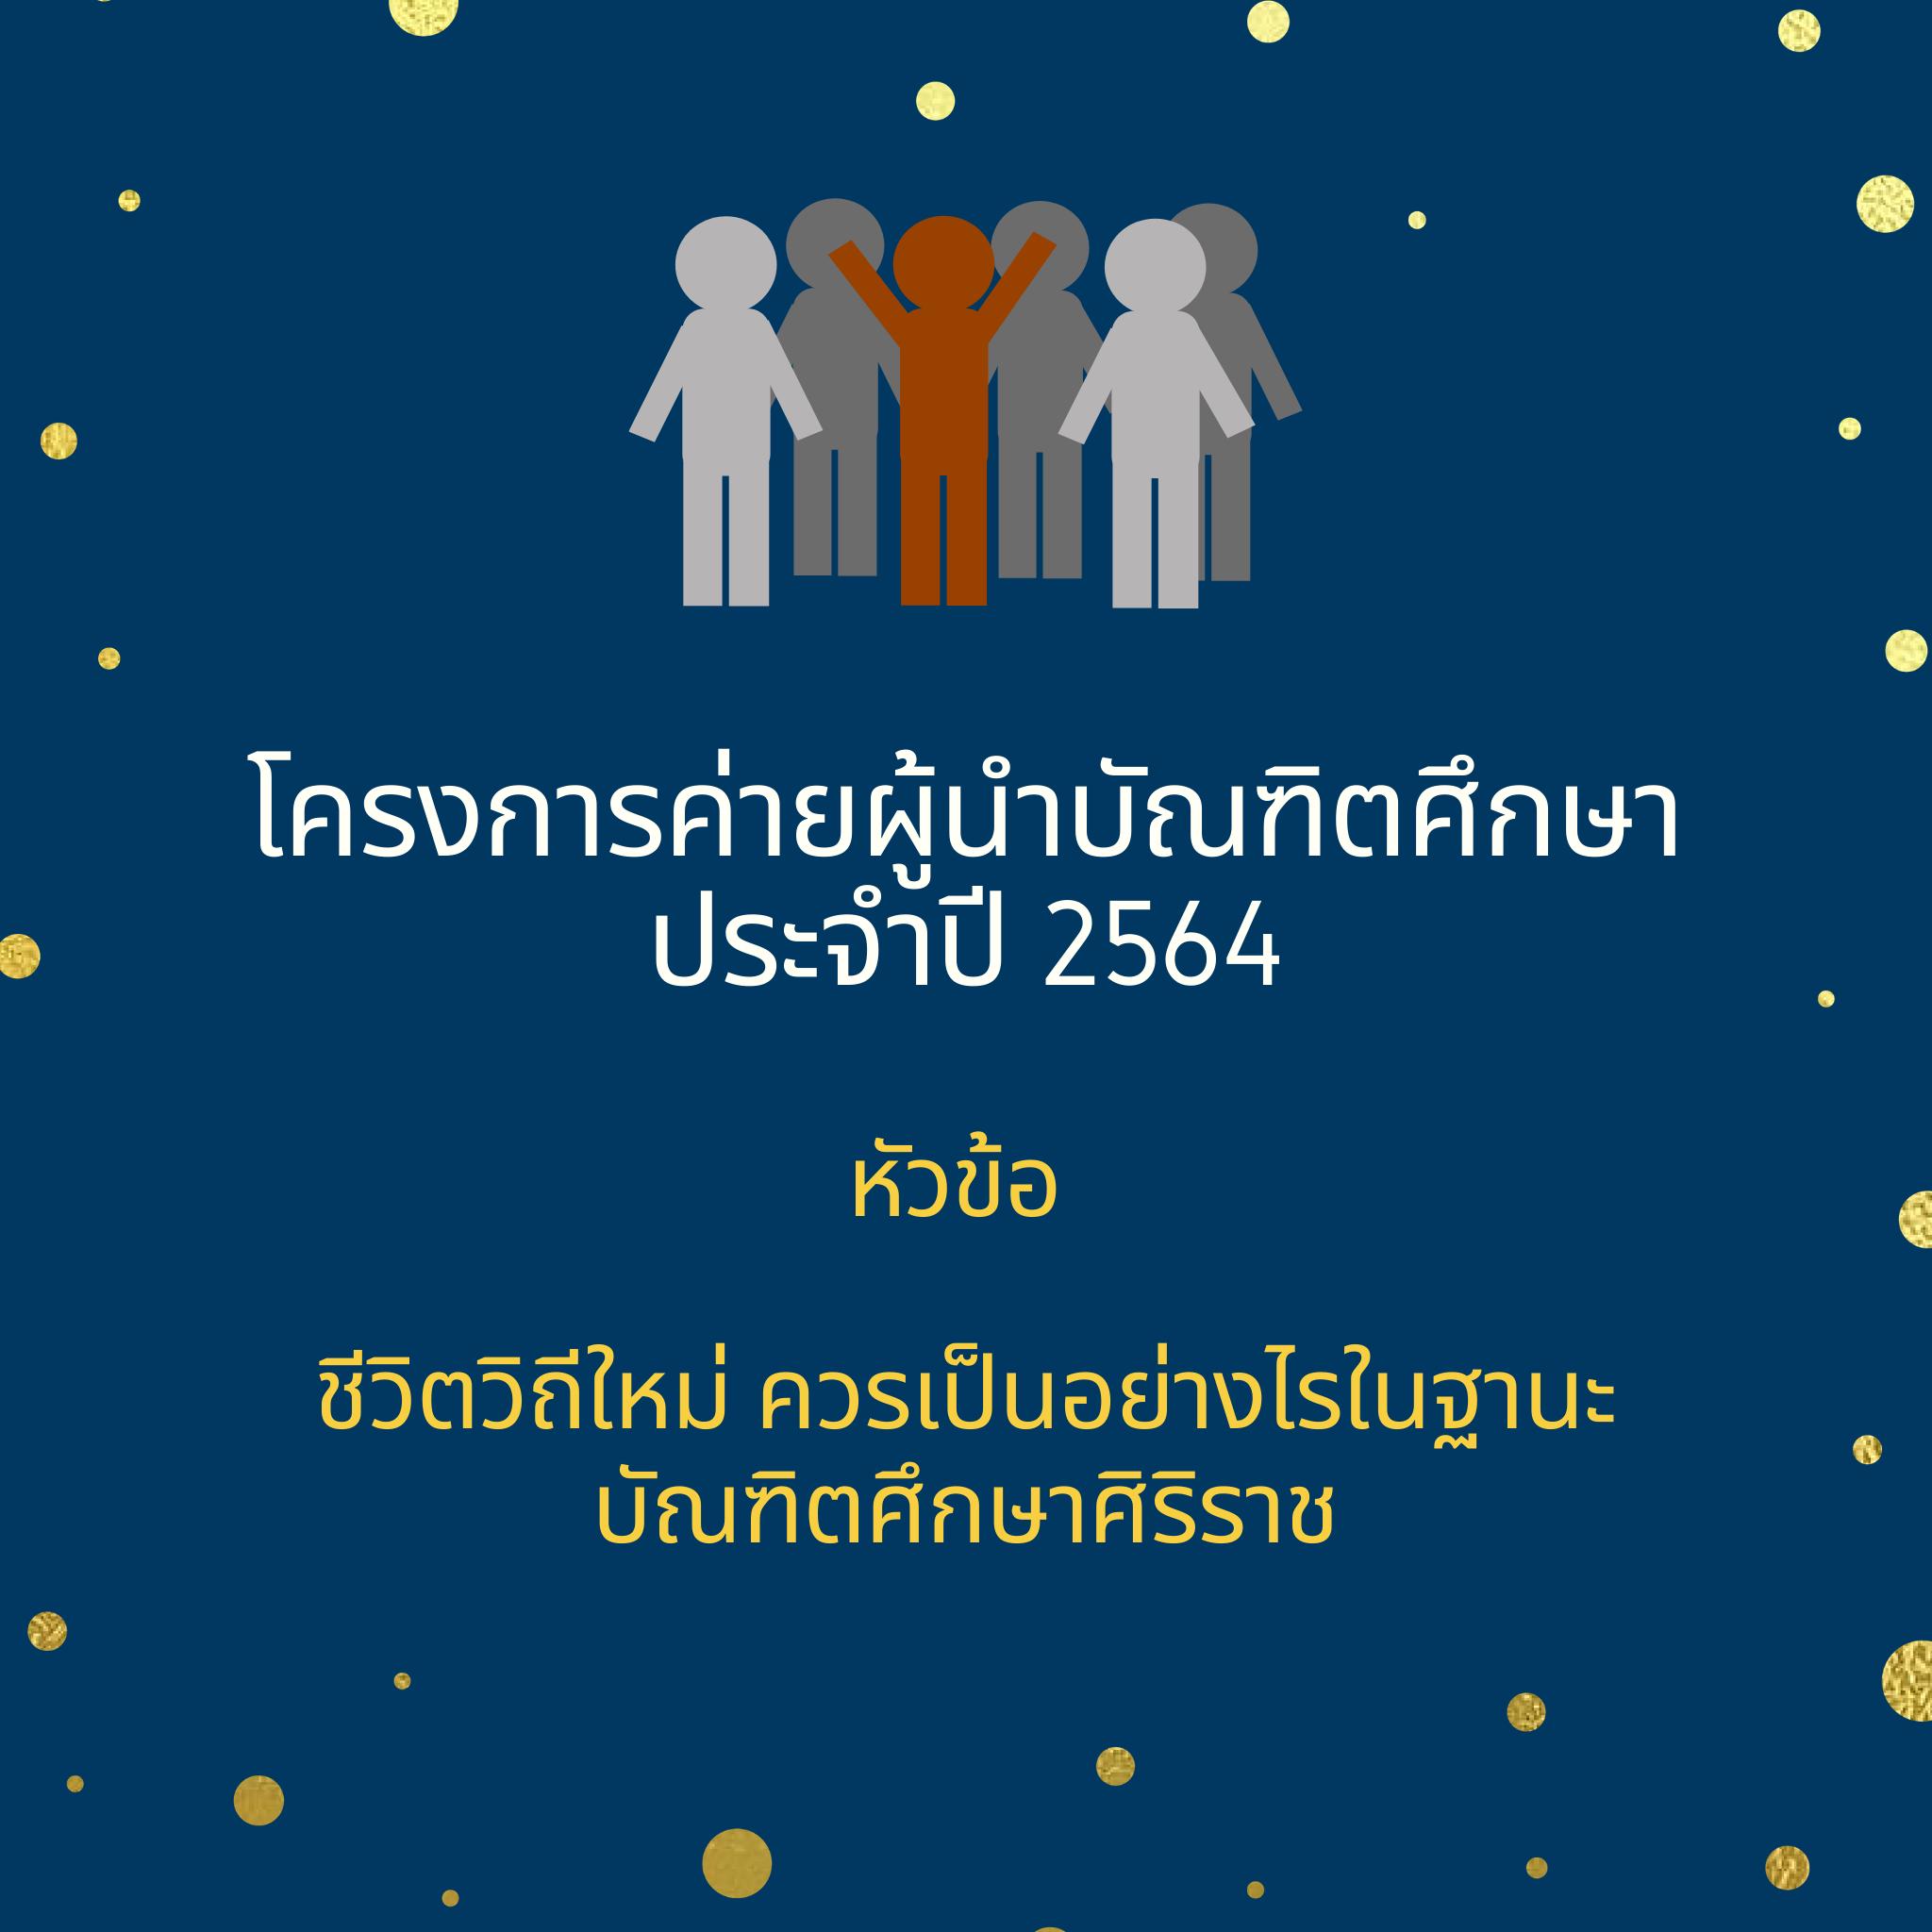 โครงการค่ายผู้นำบัณฑิตศึกษา ประจำปี 2564